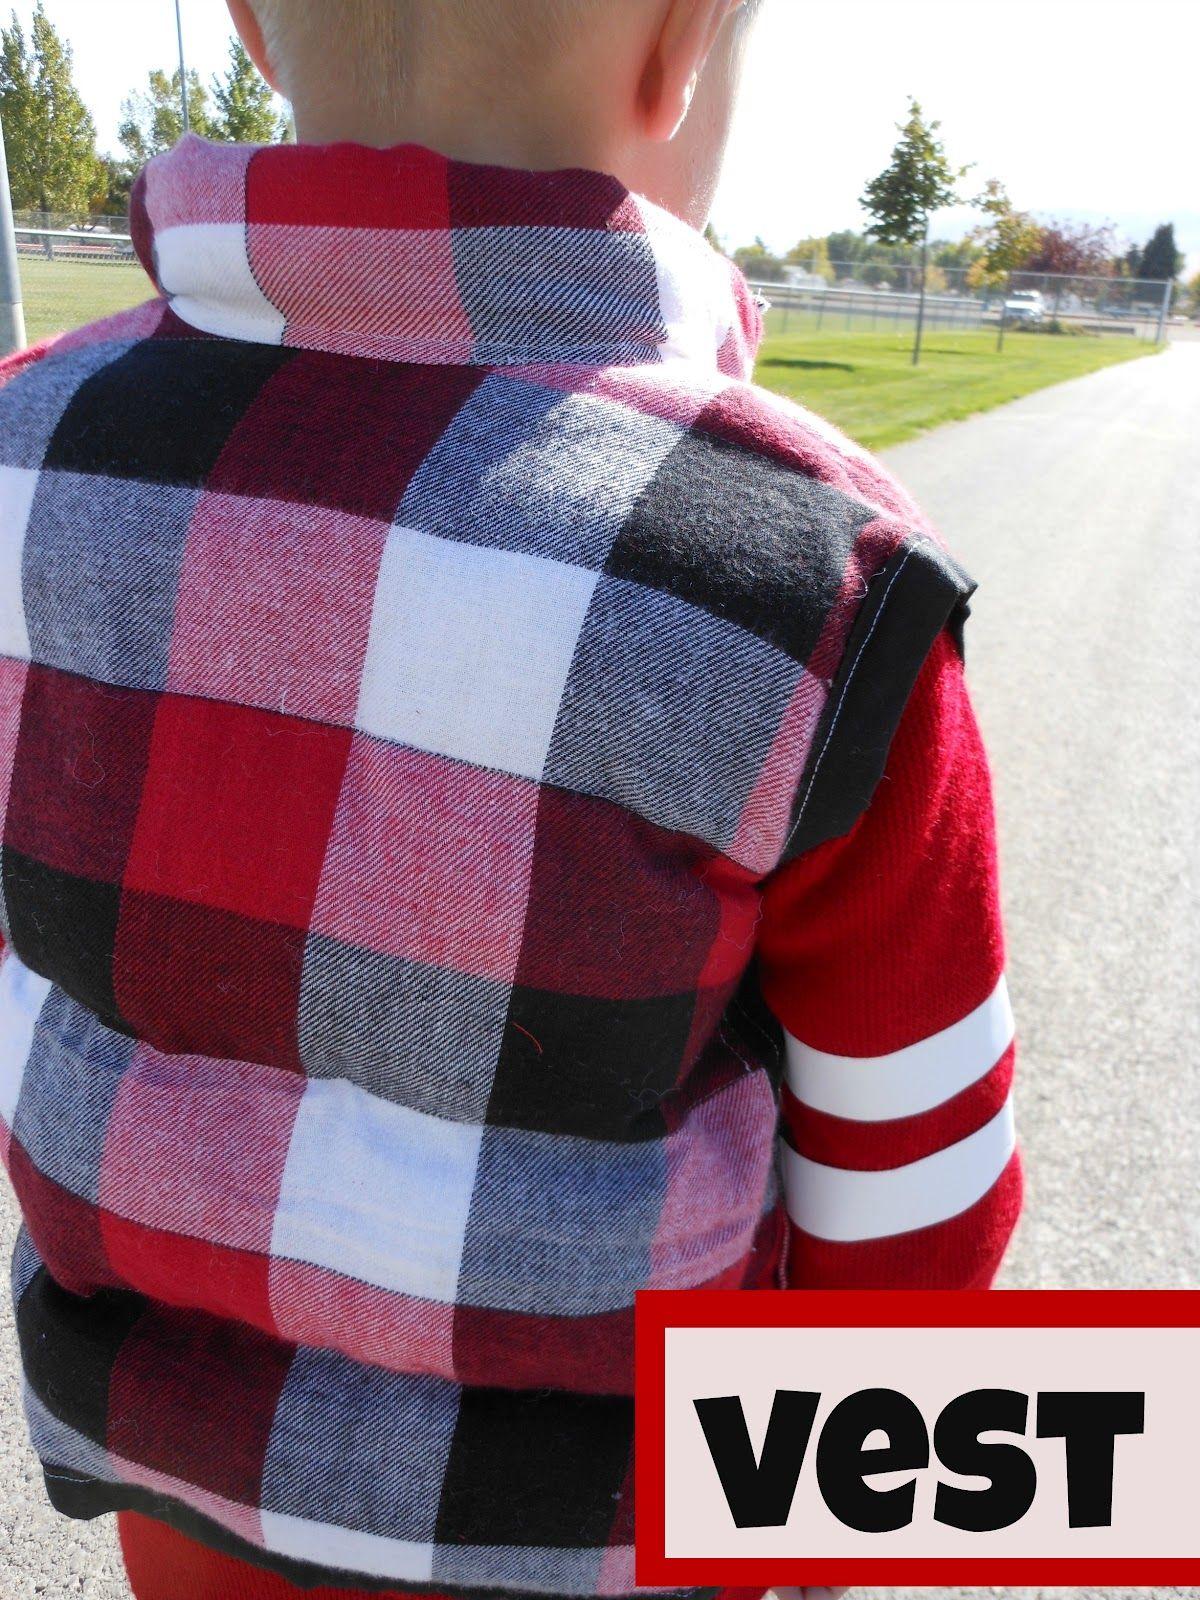 DIY puffer vest | Sewing Projects | Pinterest | Glue guns, Guns ...